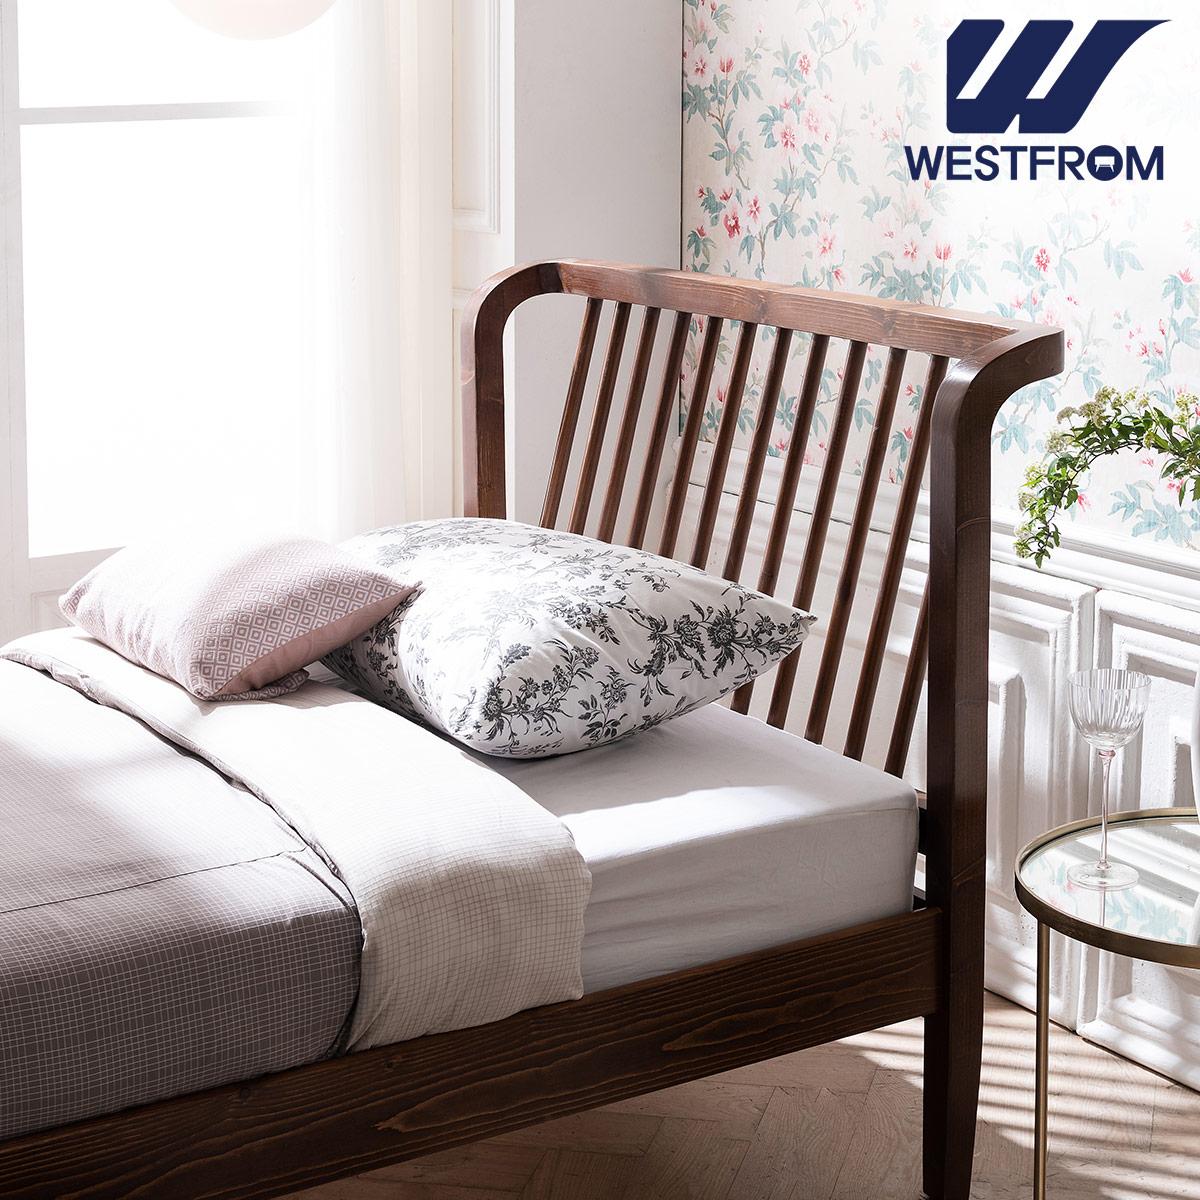 [웨스트프롬] 모던 NEW잉그리드) 원목 평상형 침대(SS) / F5 SS 매트리스